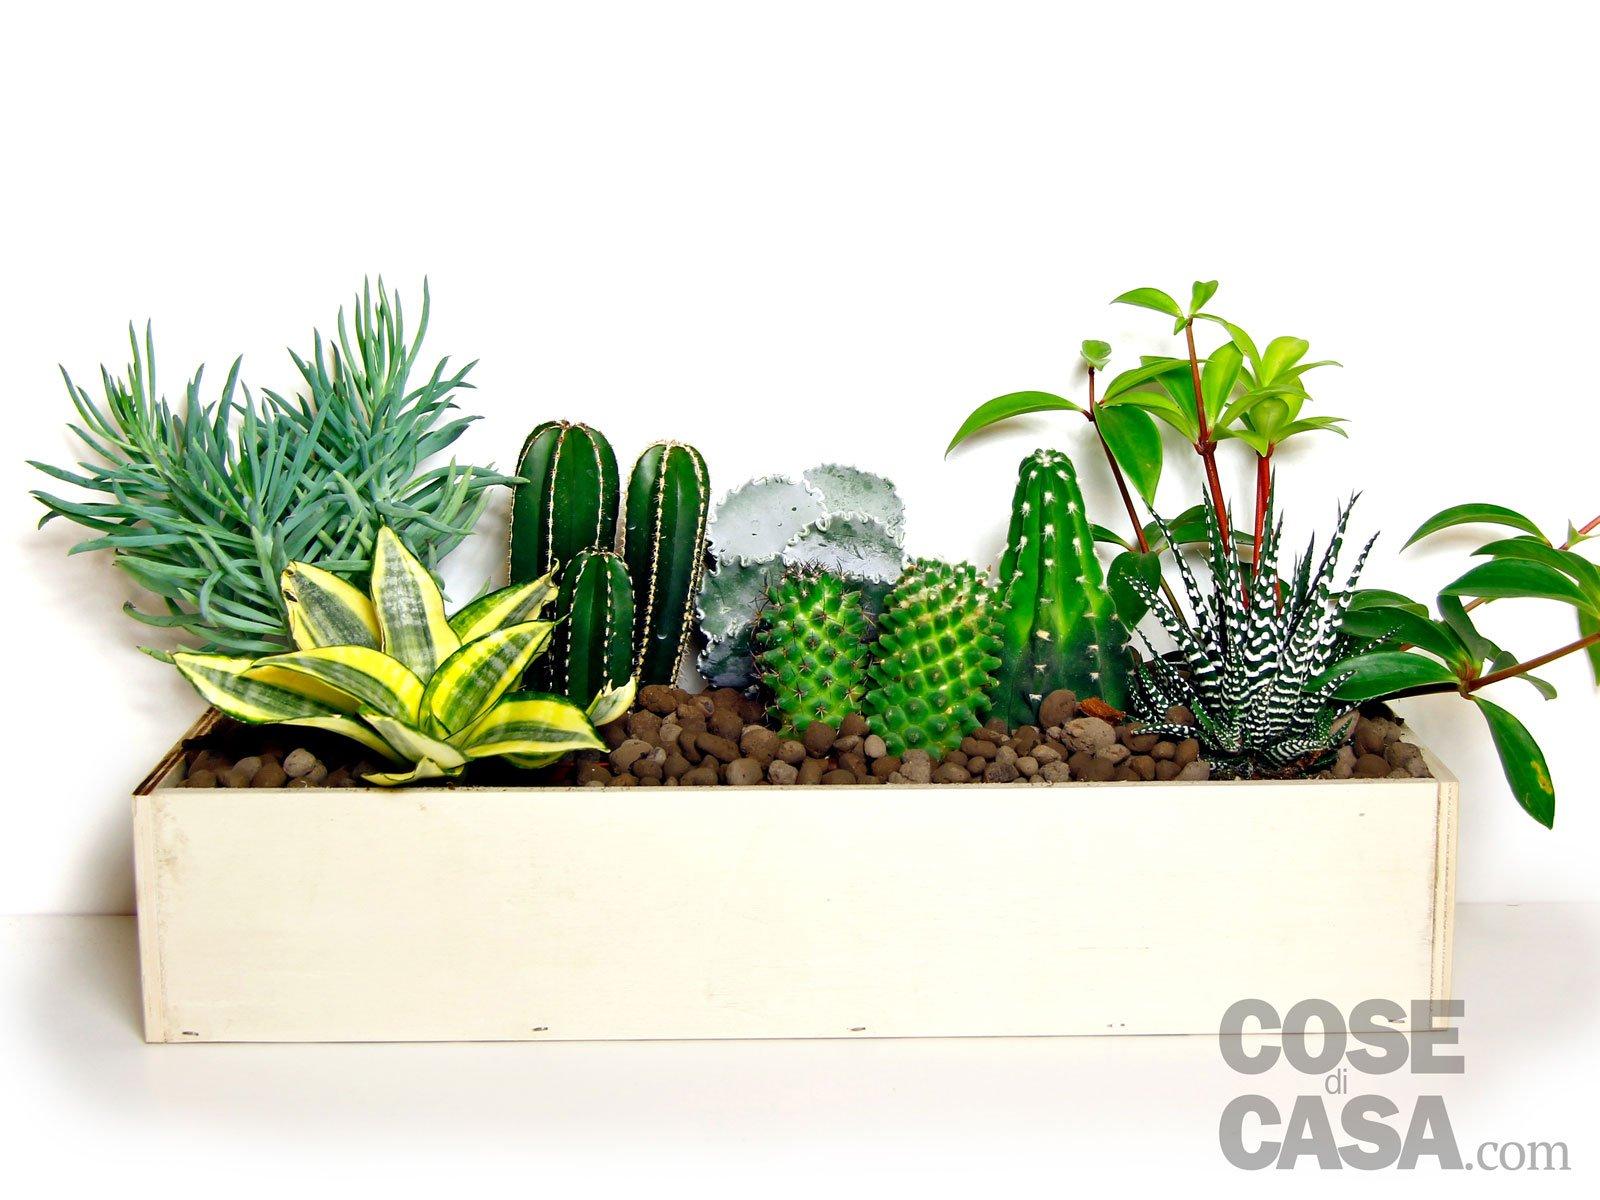 Composizioni piante grasse immagini idee per il design for Foto piante grasse particolari